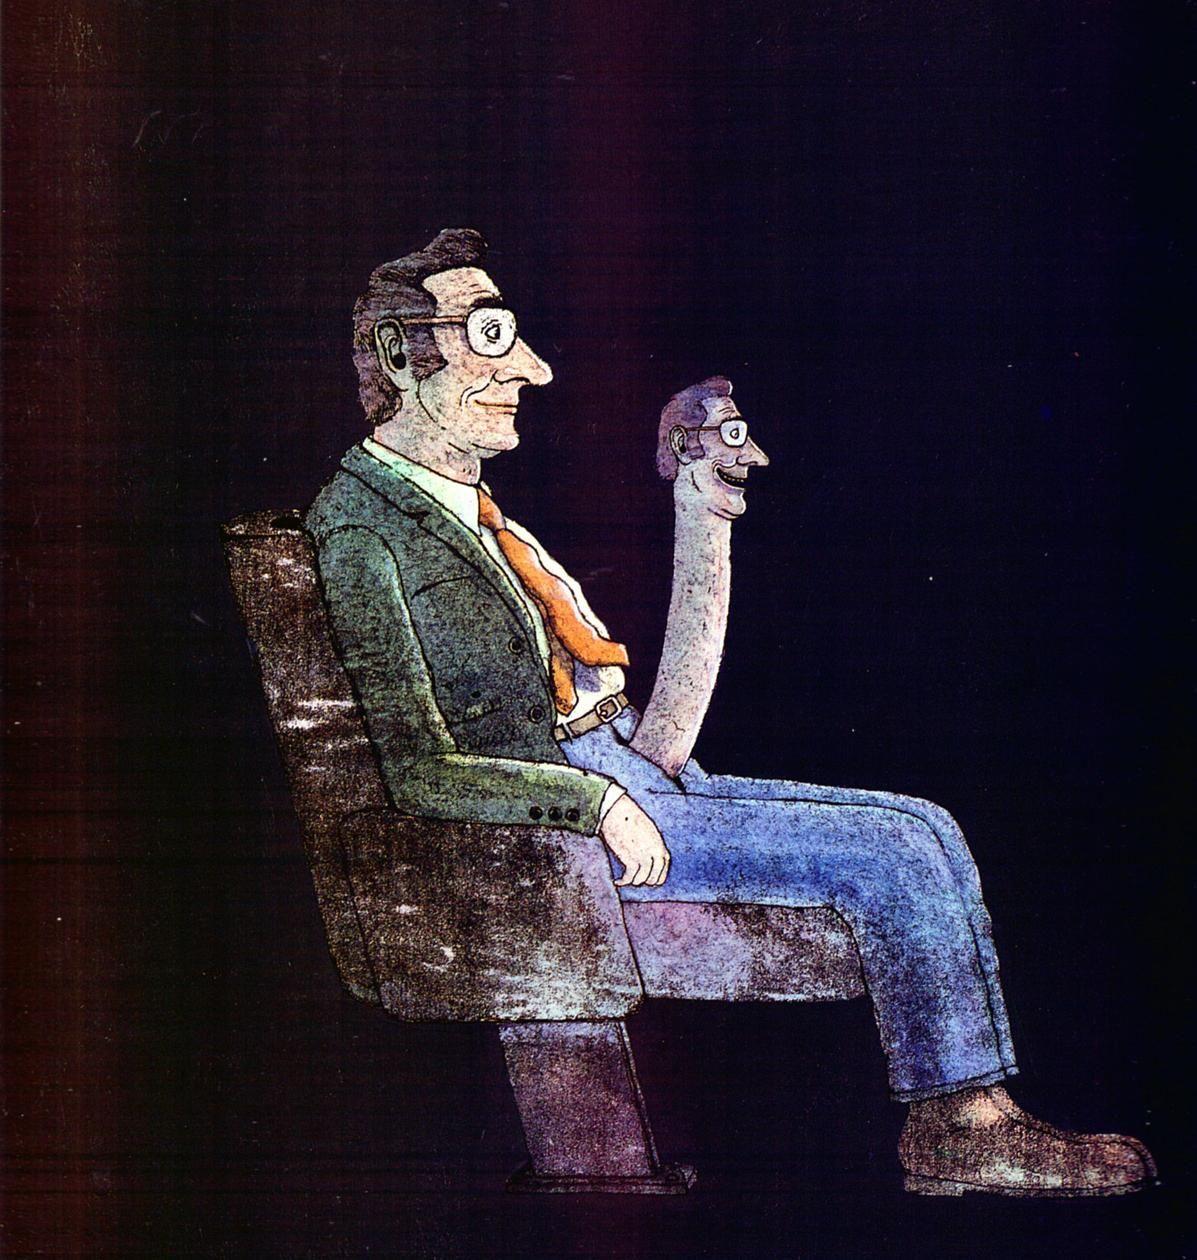 1984 Alain Le Saux Mateur Dolorosa (Lui n° 249) | #70s #Posters #Magazines #Art